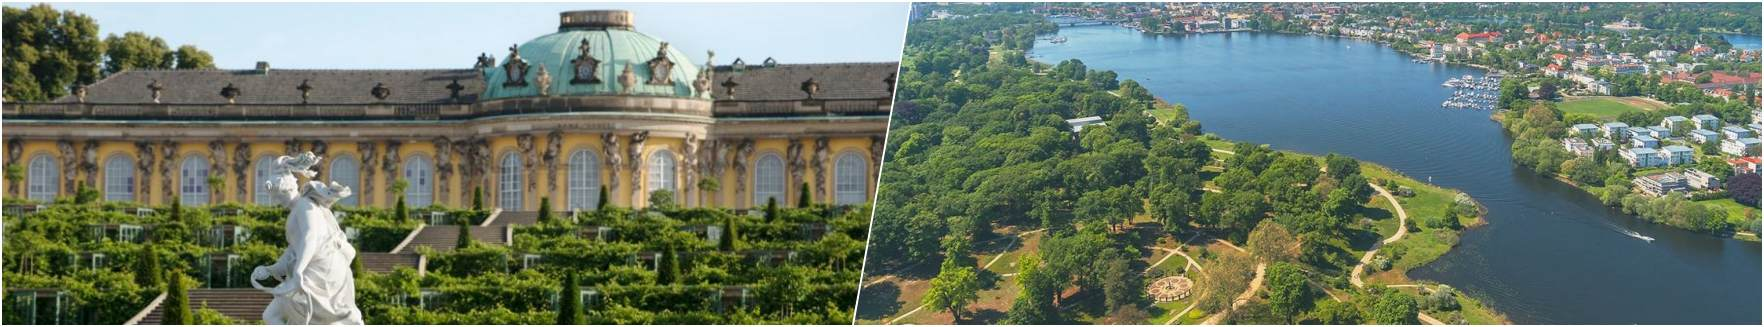 Sanssouci Palace - Potsdam